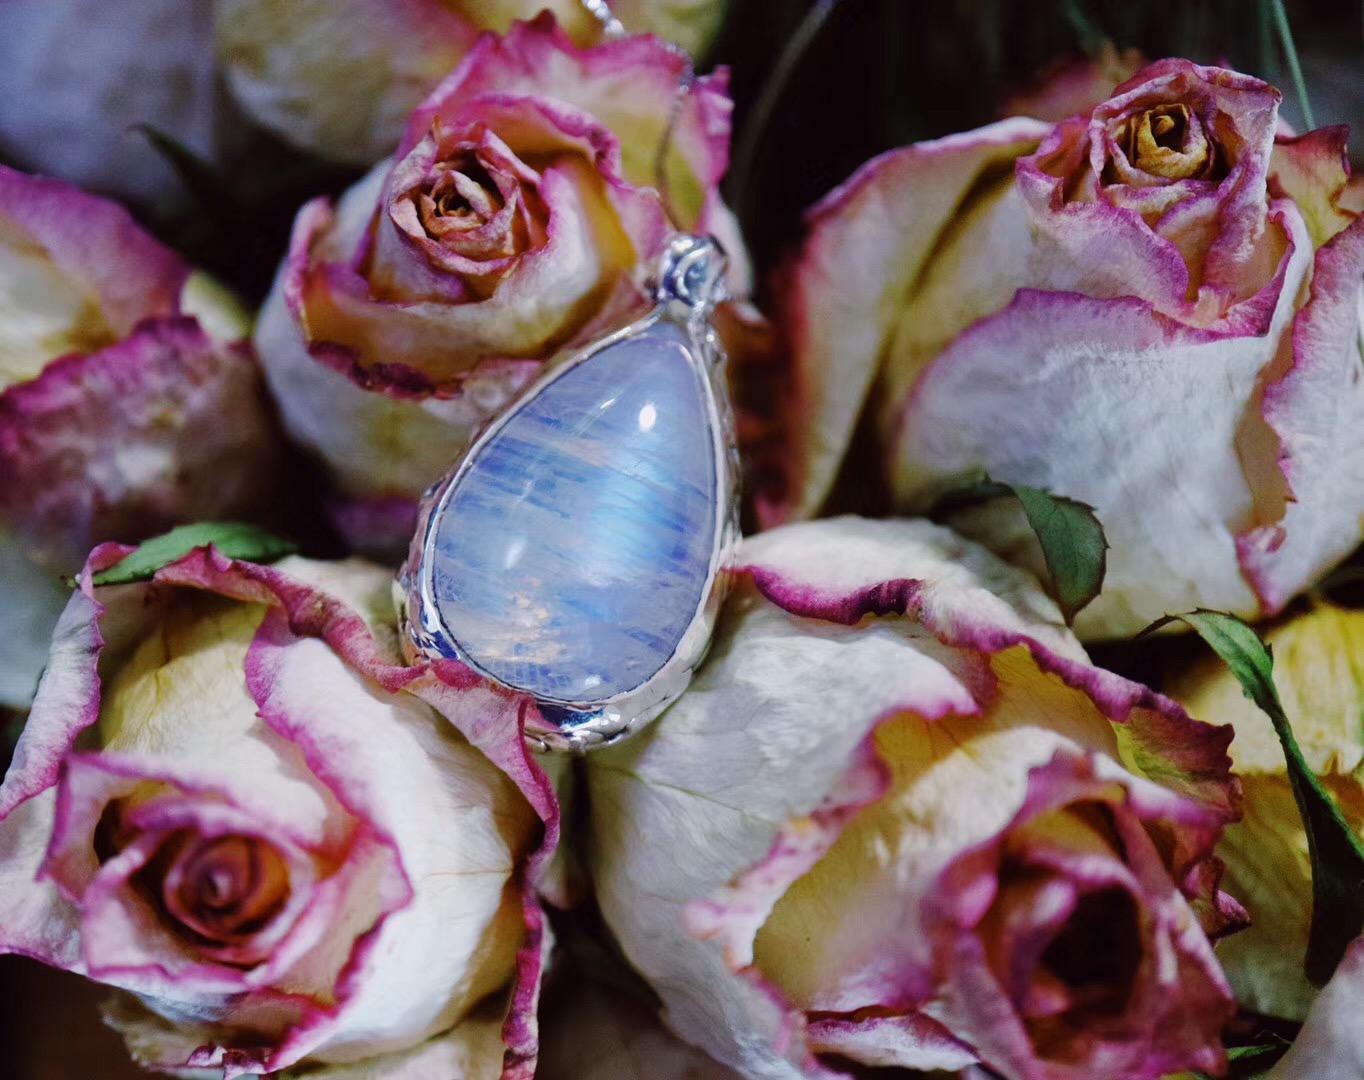 【菩心-月光石】这一枚月光石,让我看到了爱情。-菩心晶舍